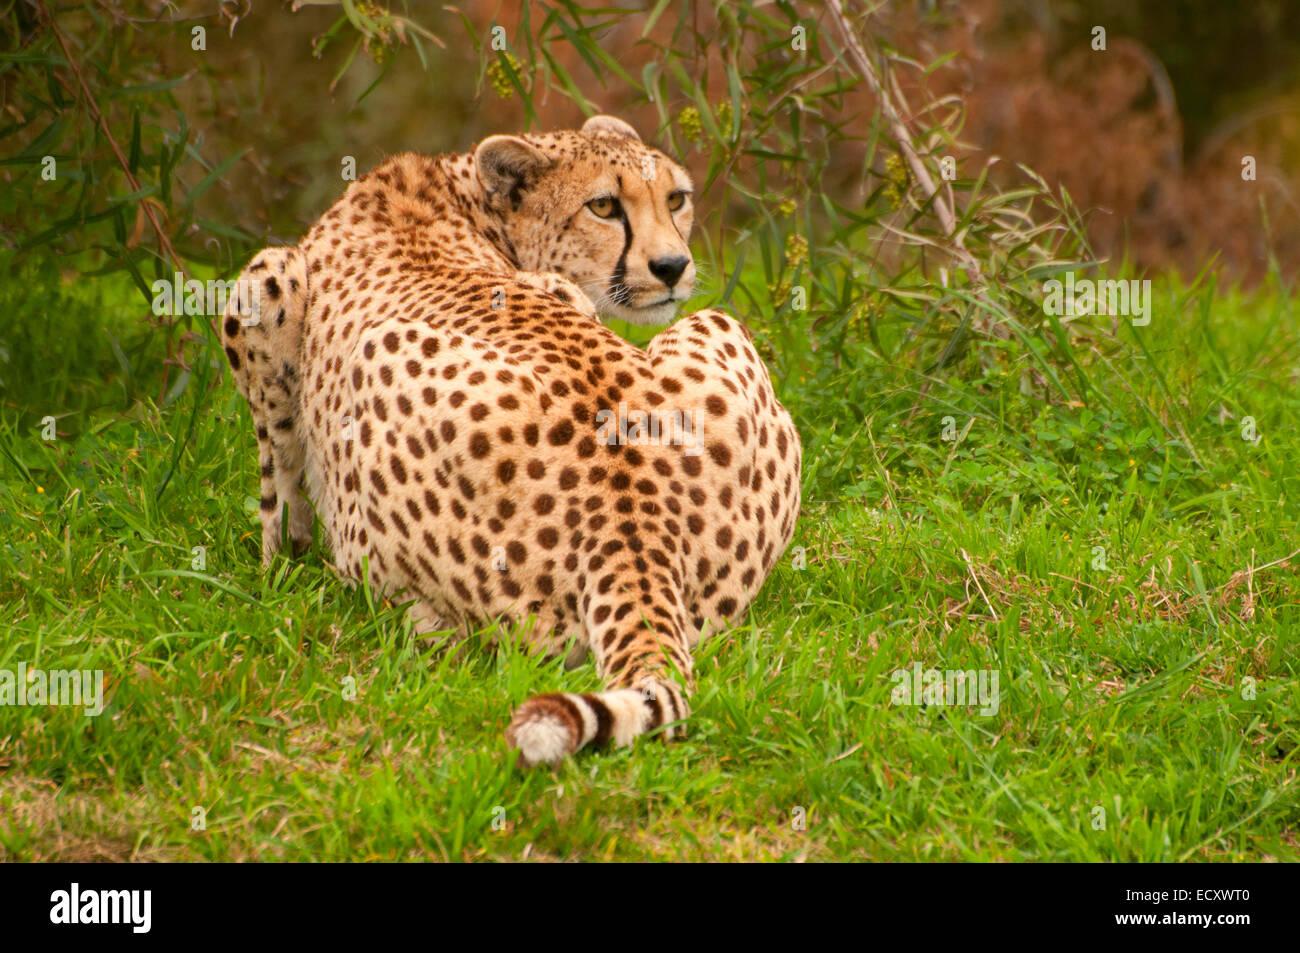 san diego zoo safari park cheetah stock photos san diego zoo